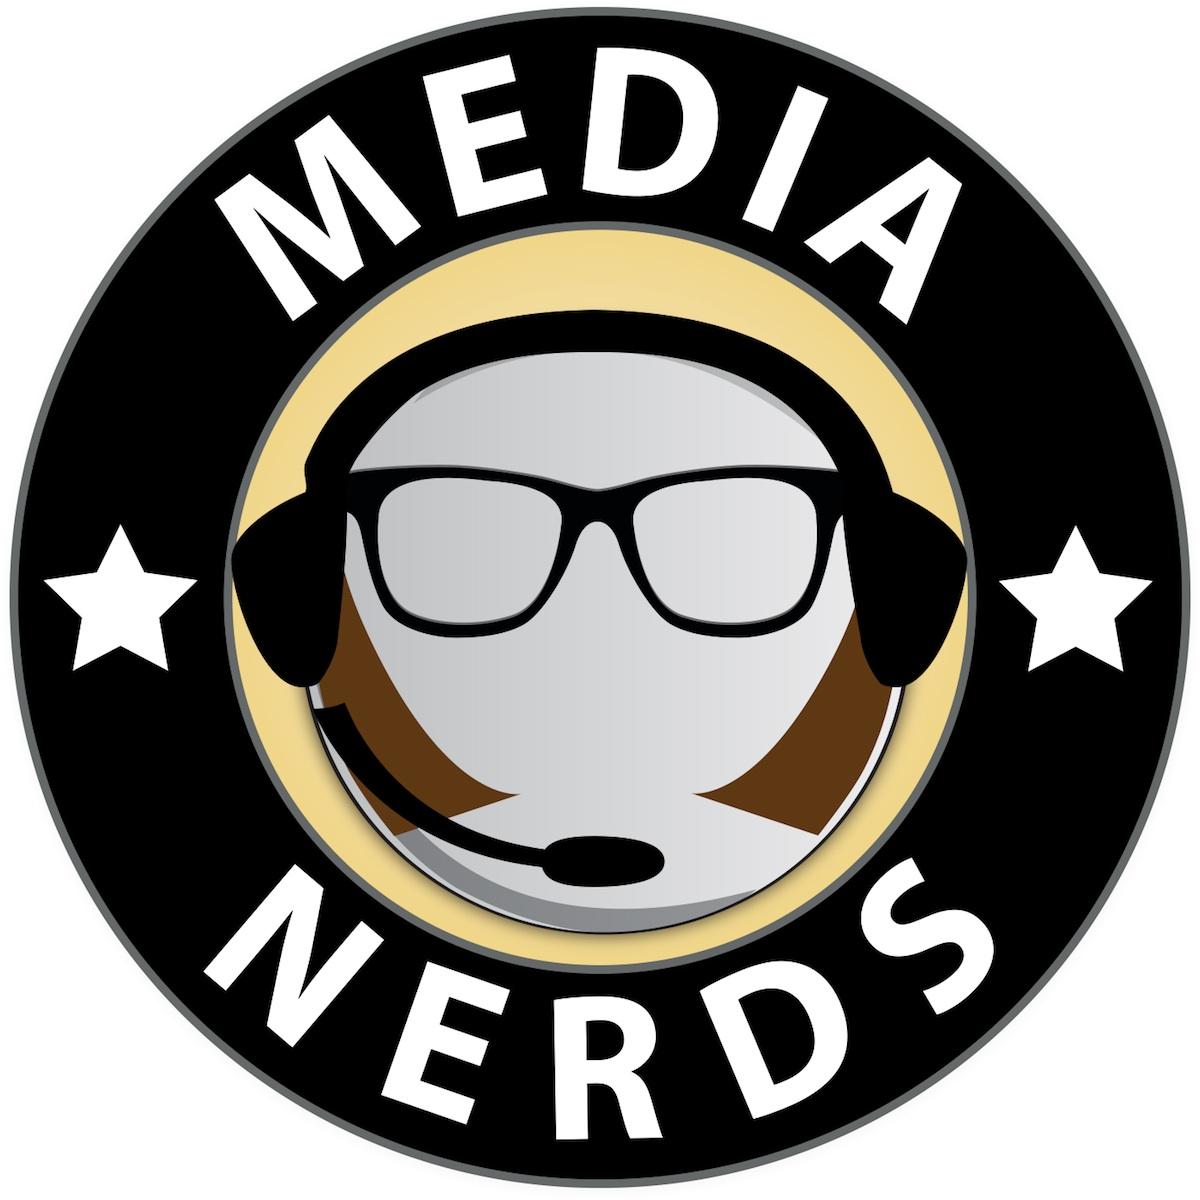 Media Nerds – Media Nerds Podcast